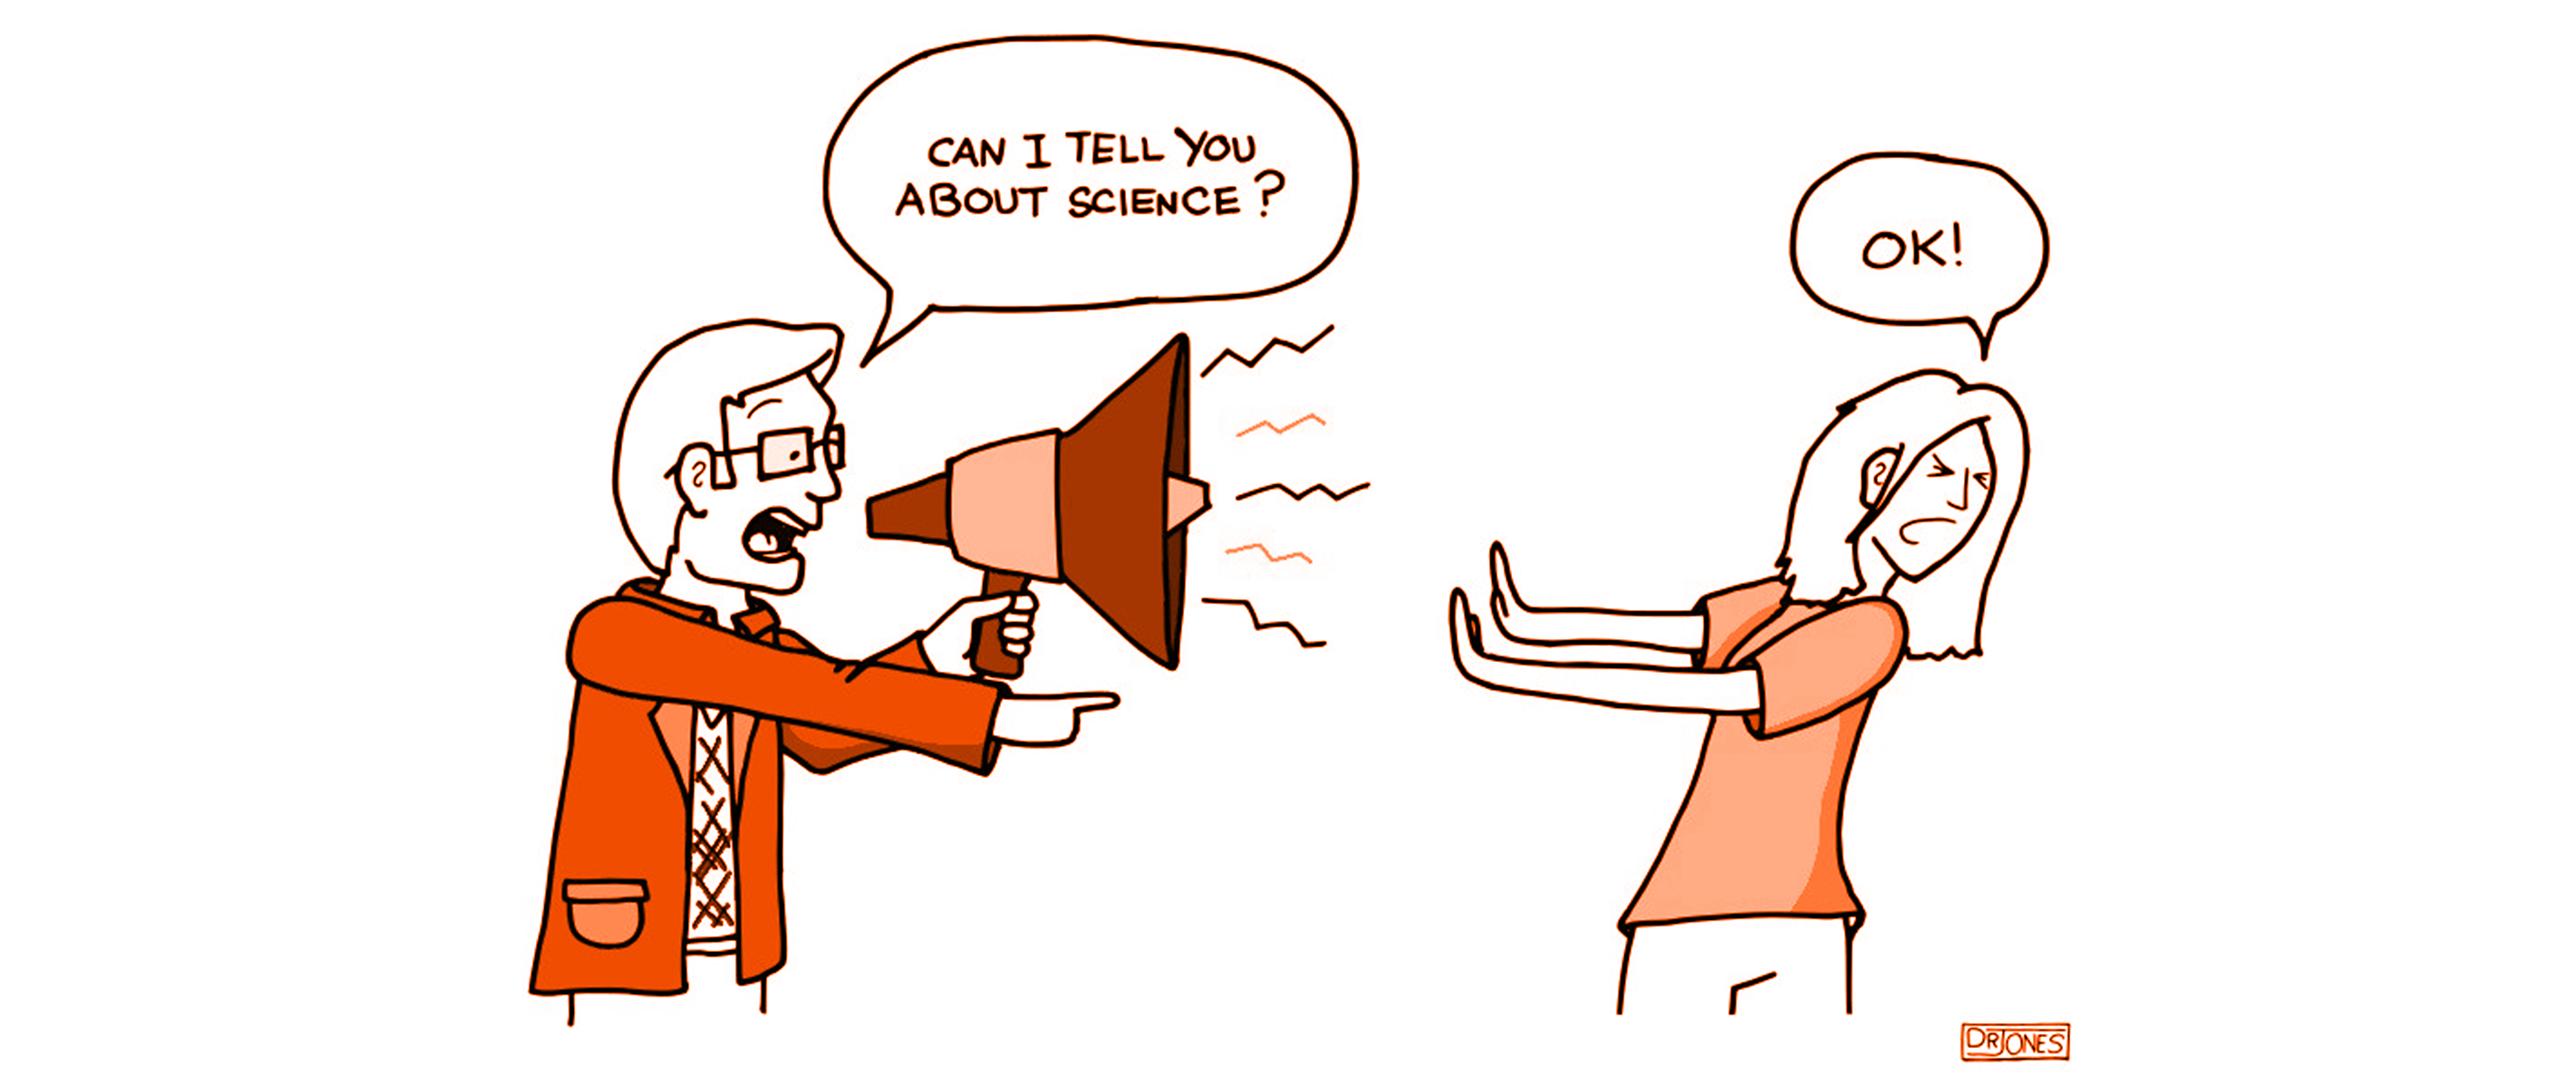 Bardziej popularno czy naukowo?